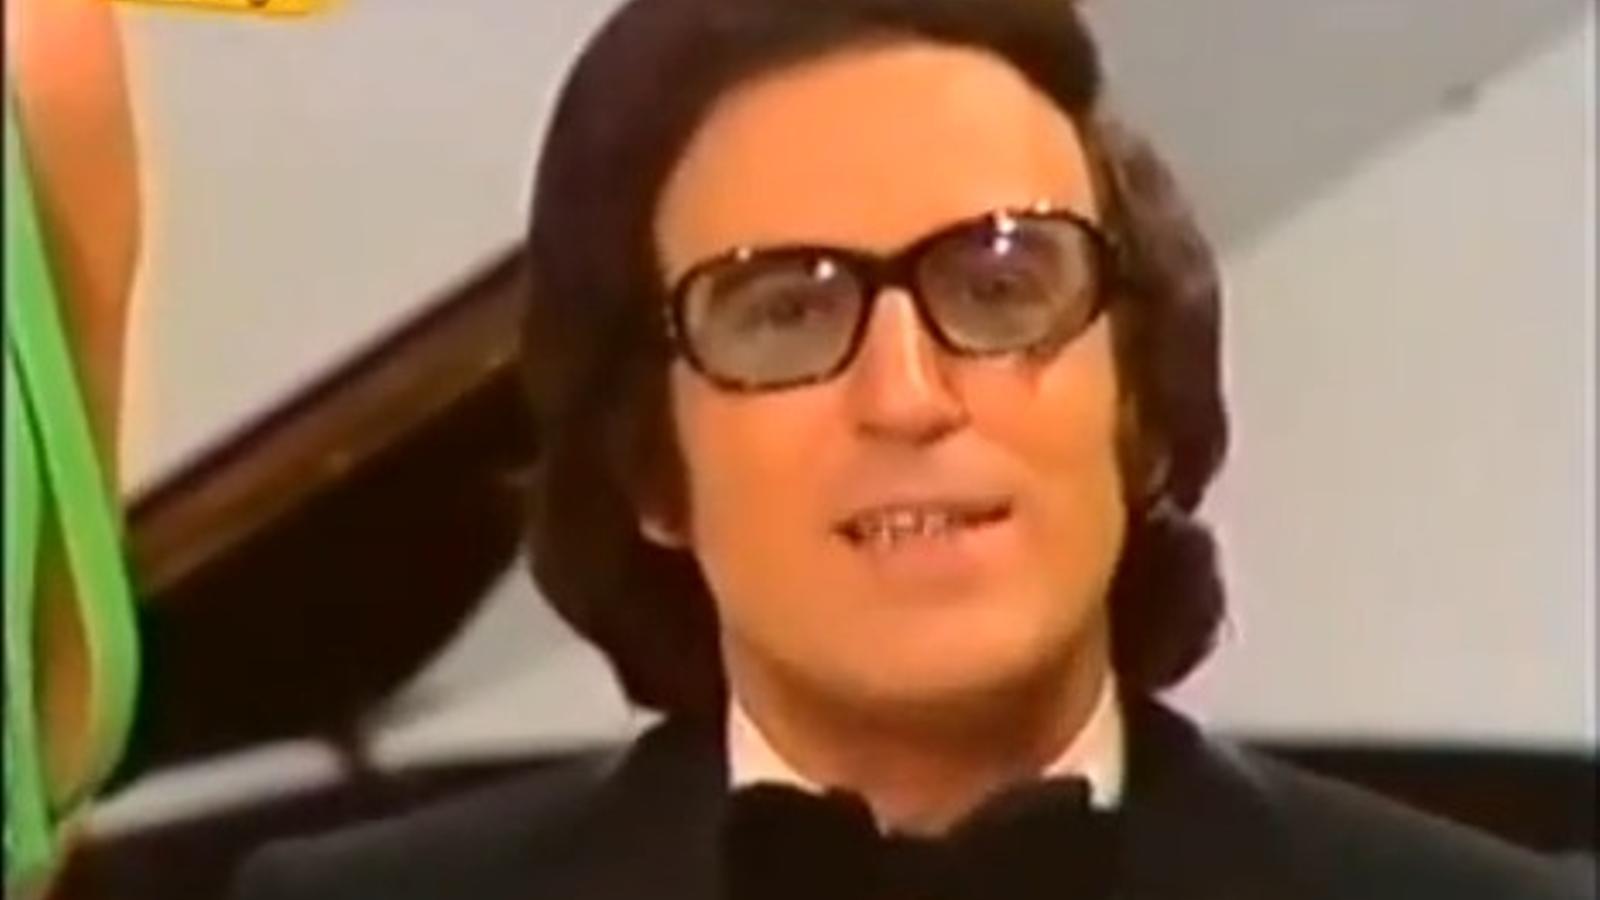 Algueró toca 'Te quiero, te quiero' al seu programa 'La hora de Augusto Algueró'